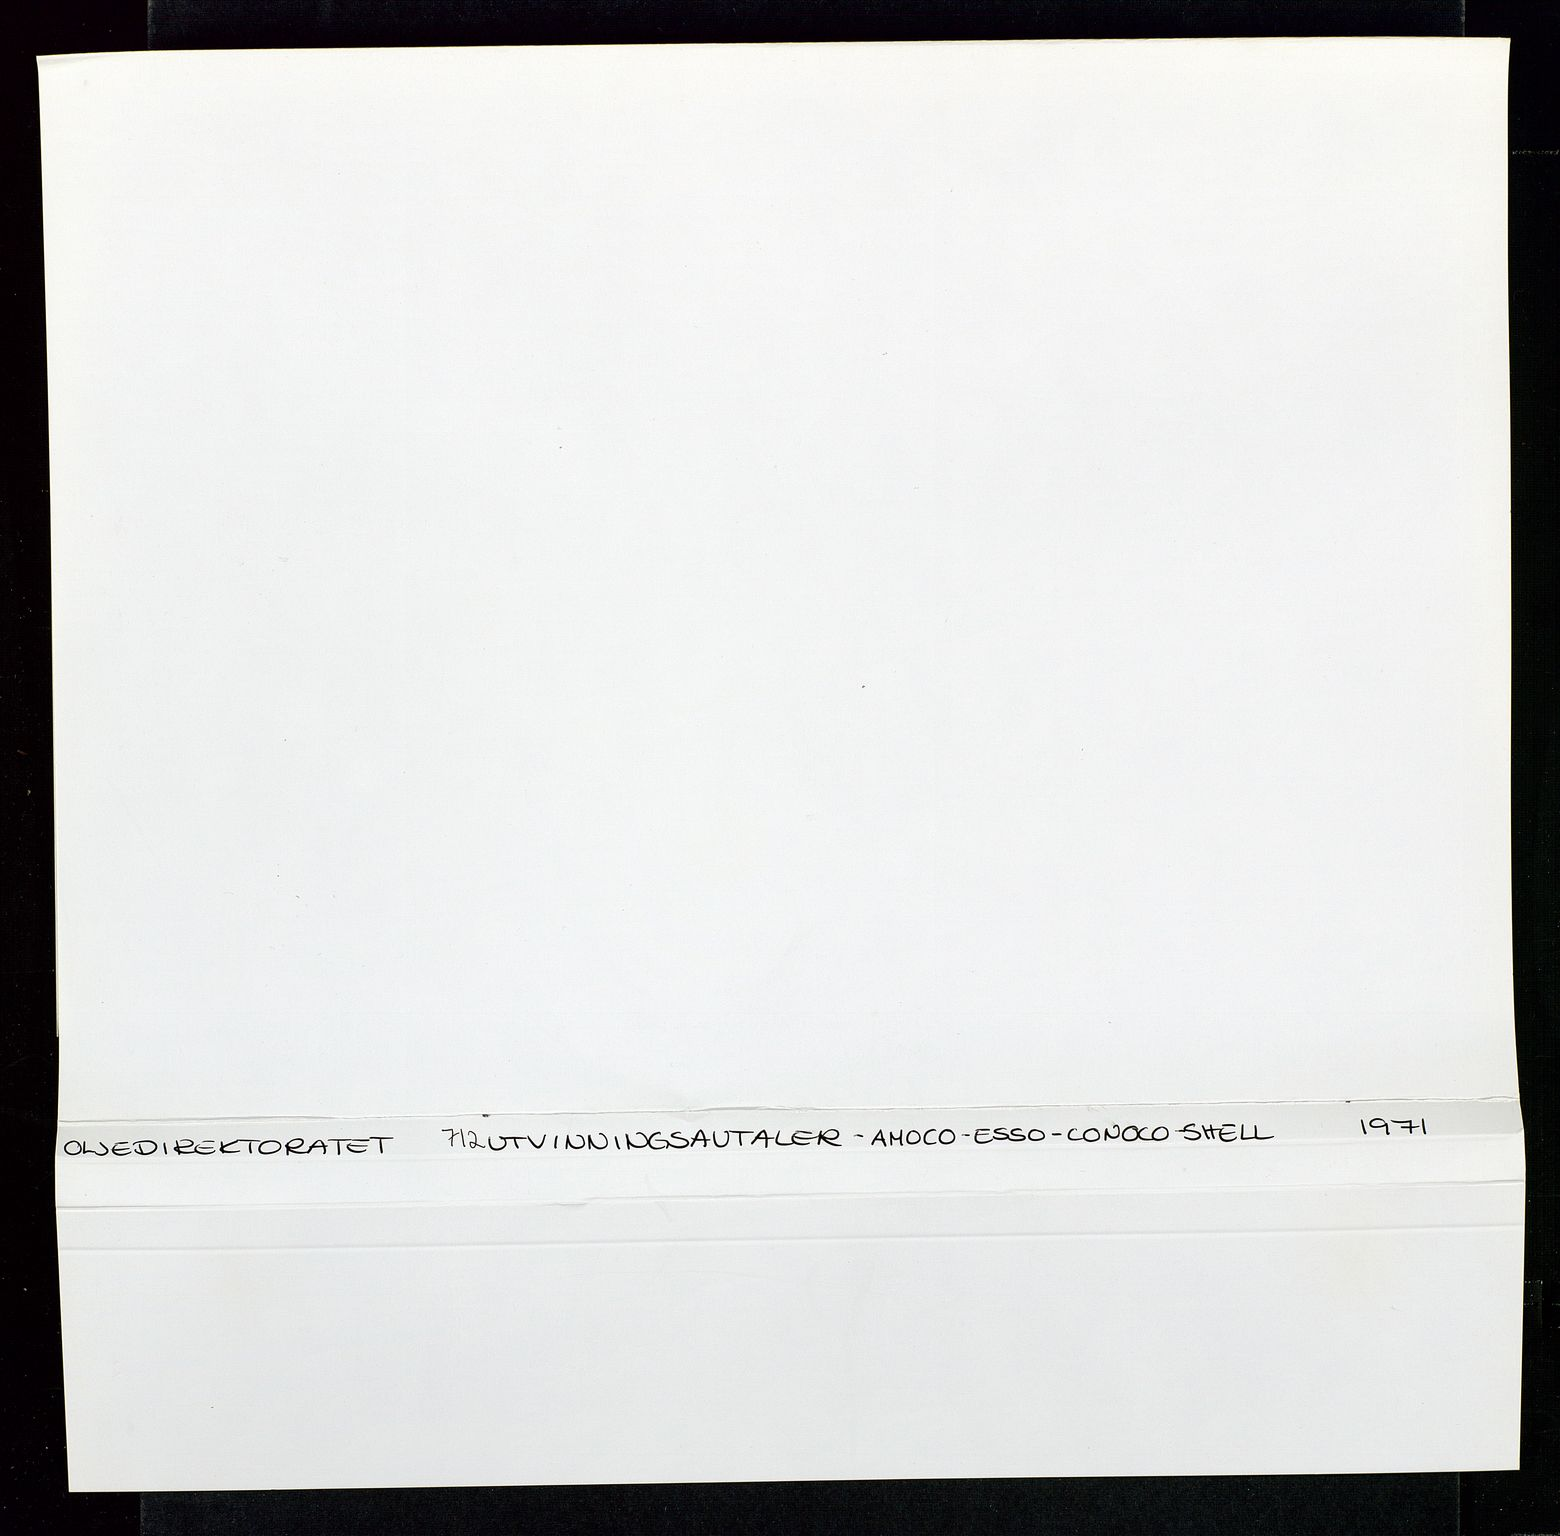 SAST, Industridepartementet, Oljekontoret, Da/L0004: Arkivnøkkel 711 - 712 Utvinningstillatelser, 1970-1971, s. 2